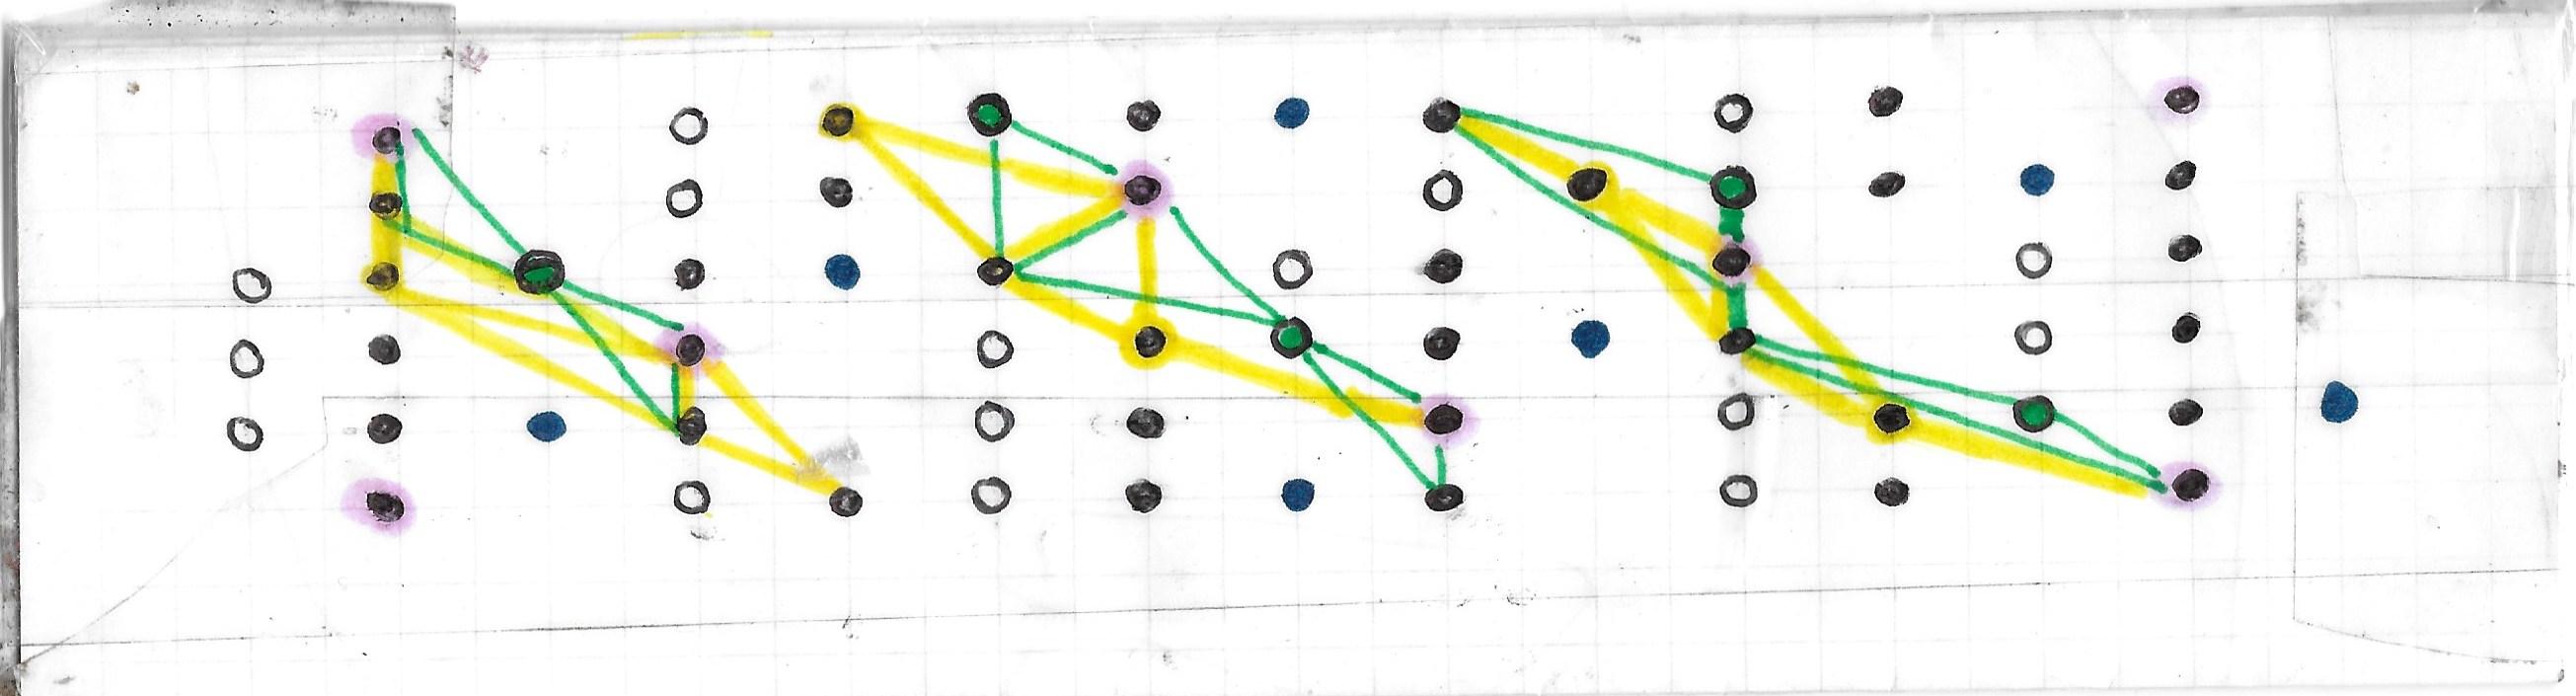 Useful ways to memorize jazz chords?-triads-jpeg